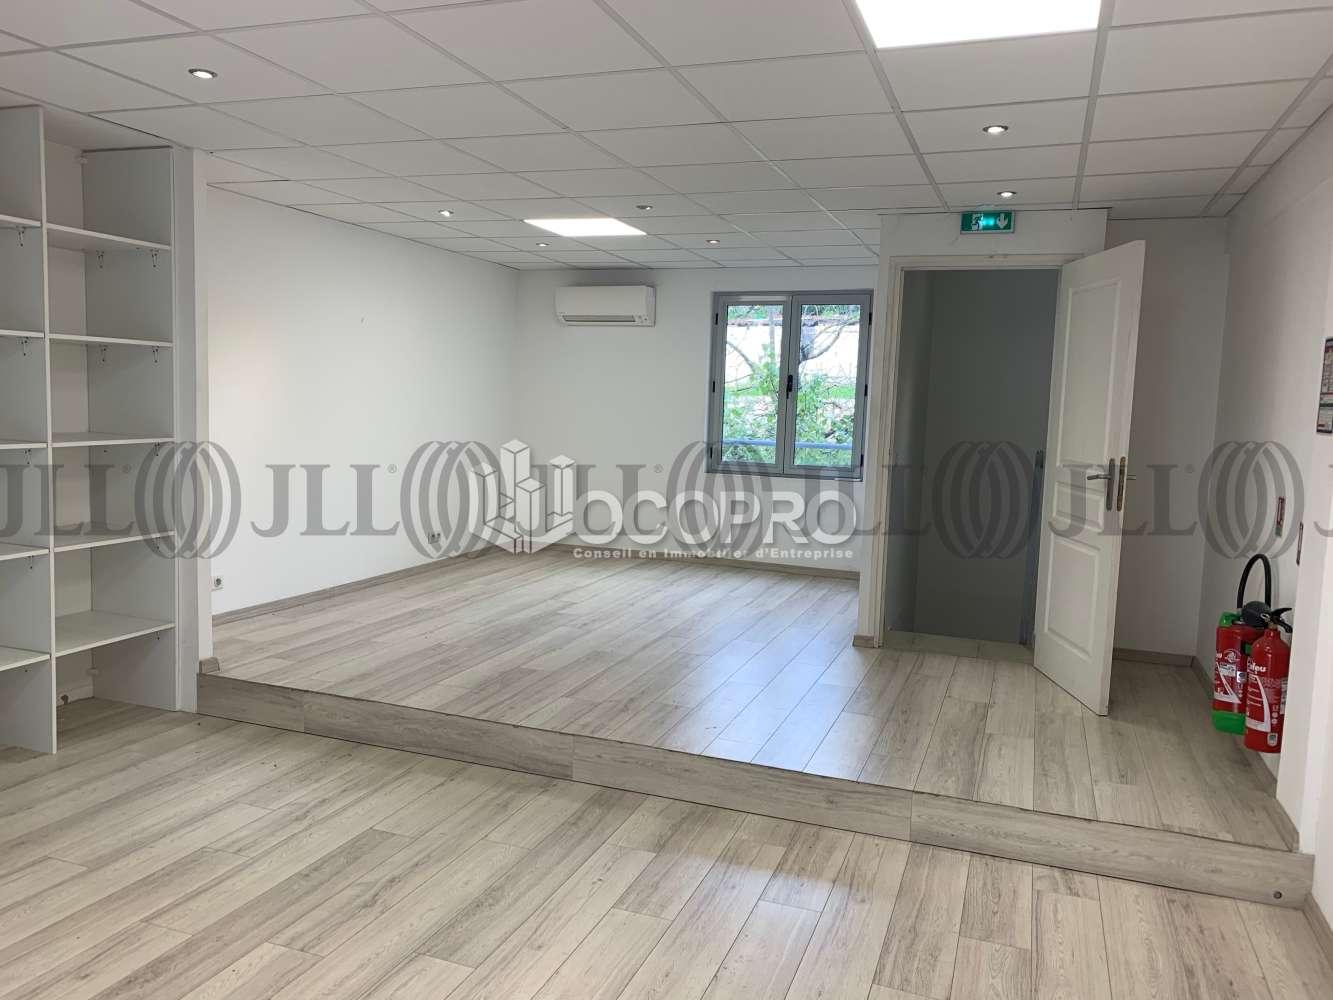 Activités/entrepôt Mouans sartoux, 06370 - MOUANS-SARTOUX